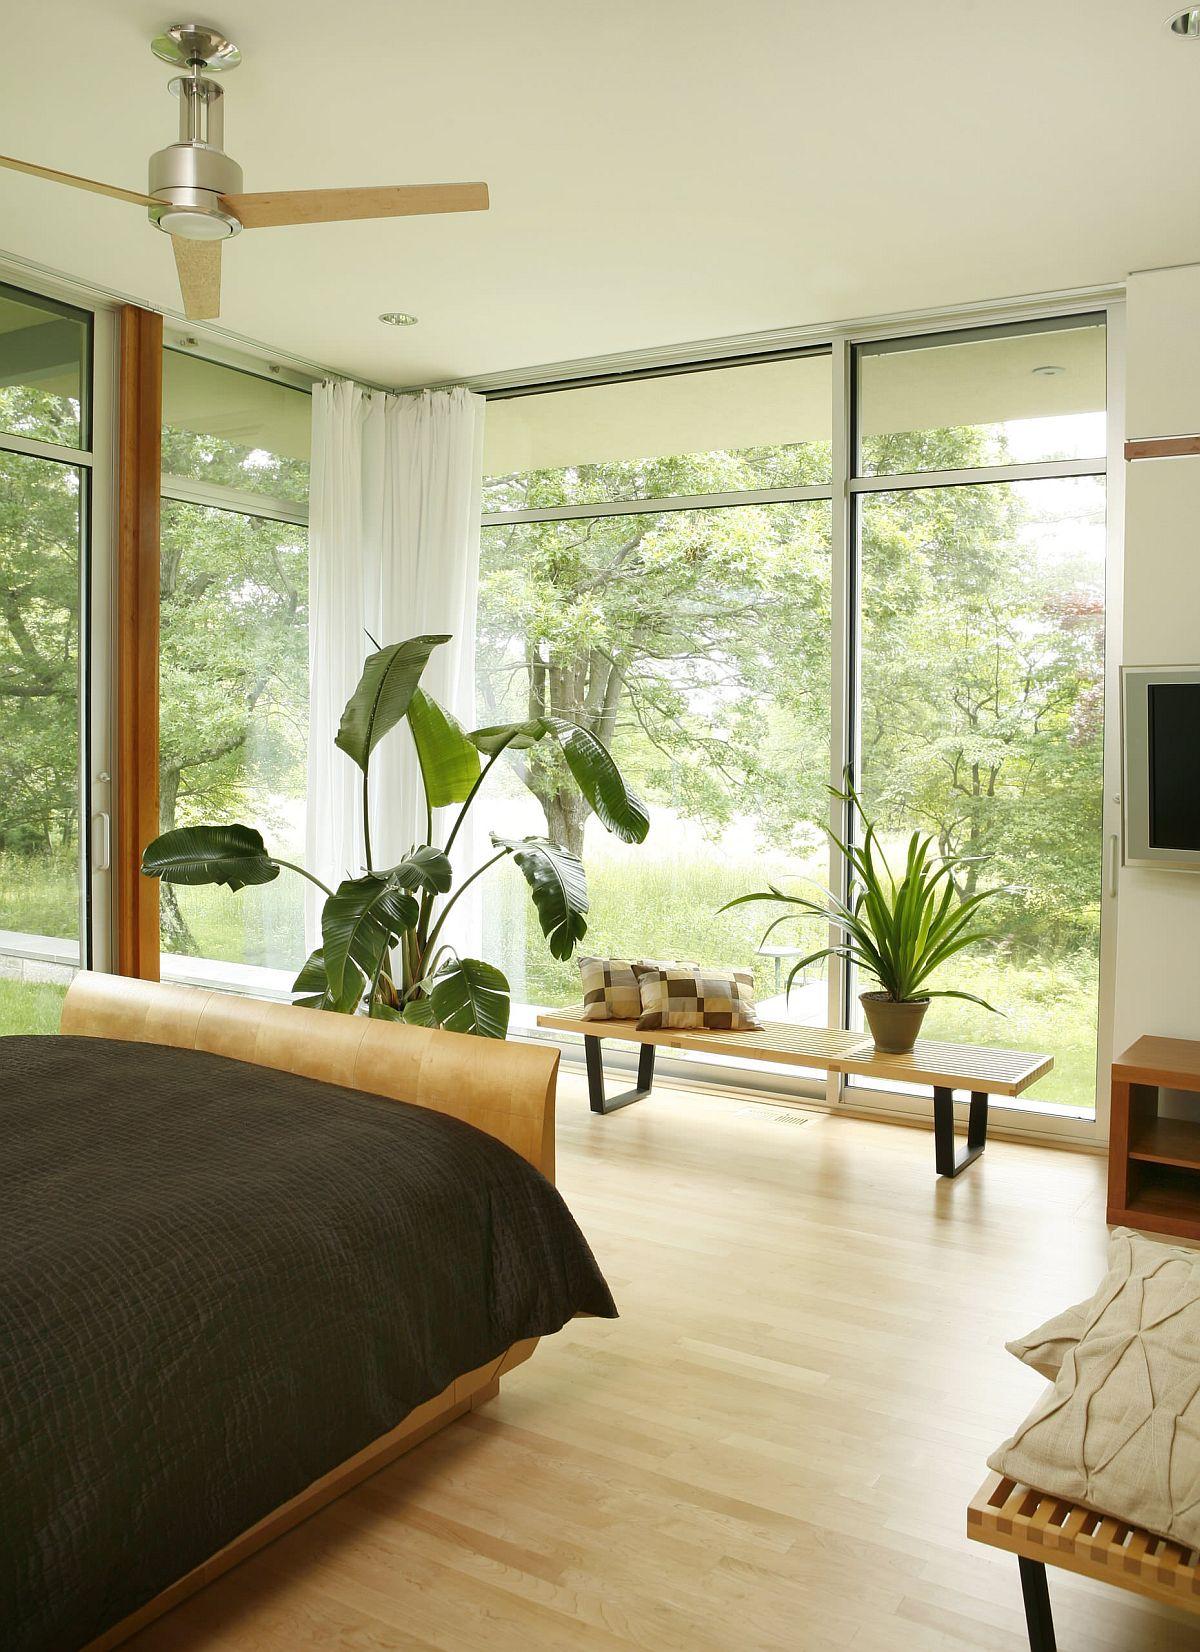 Xu hướng thiết kế phòng ngủ được ưa chuộng nhất trong những tháng đầu năm 2021 - Ảnh 7.